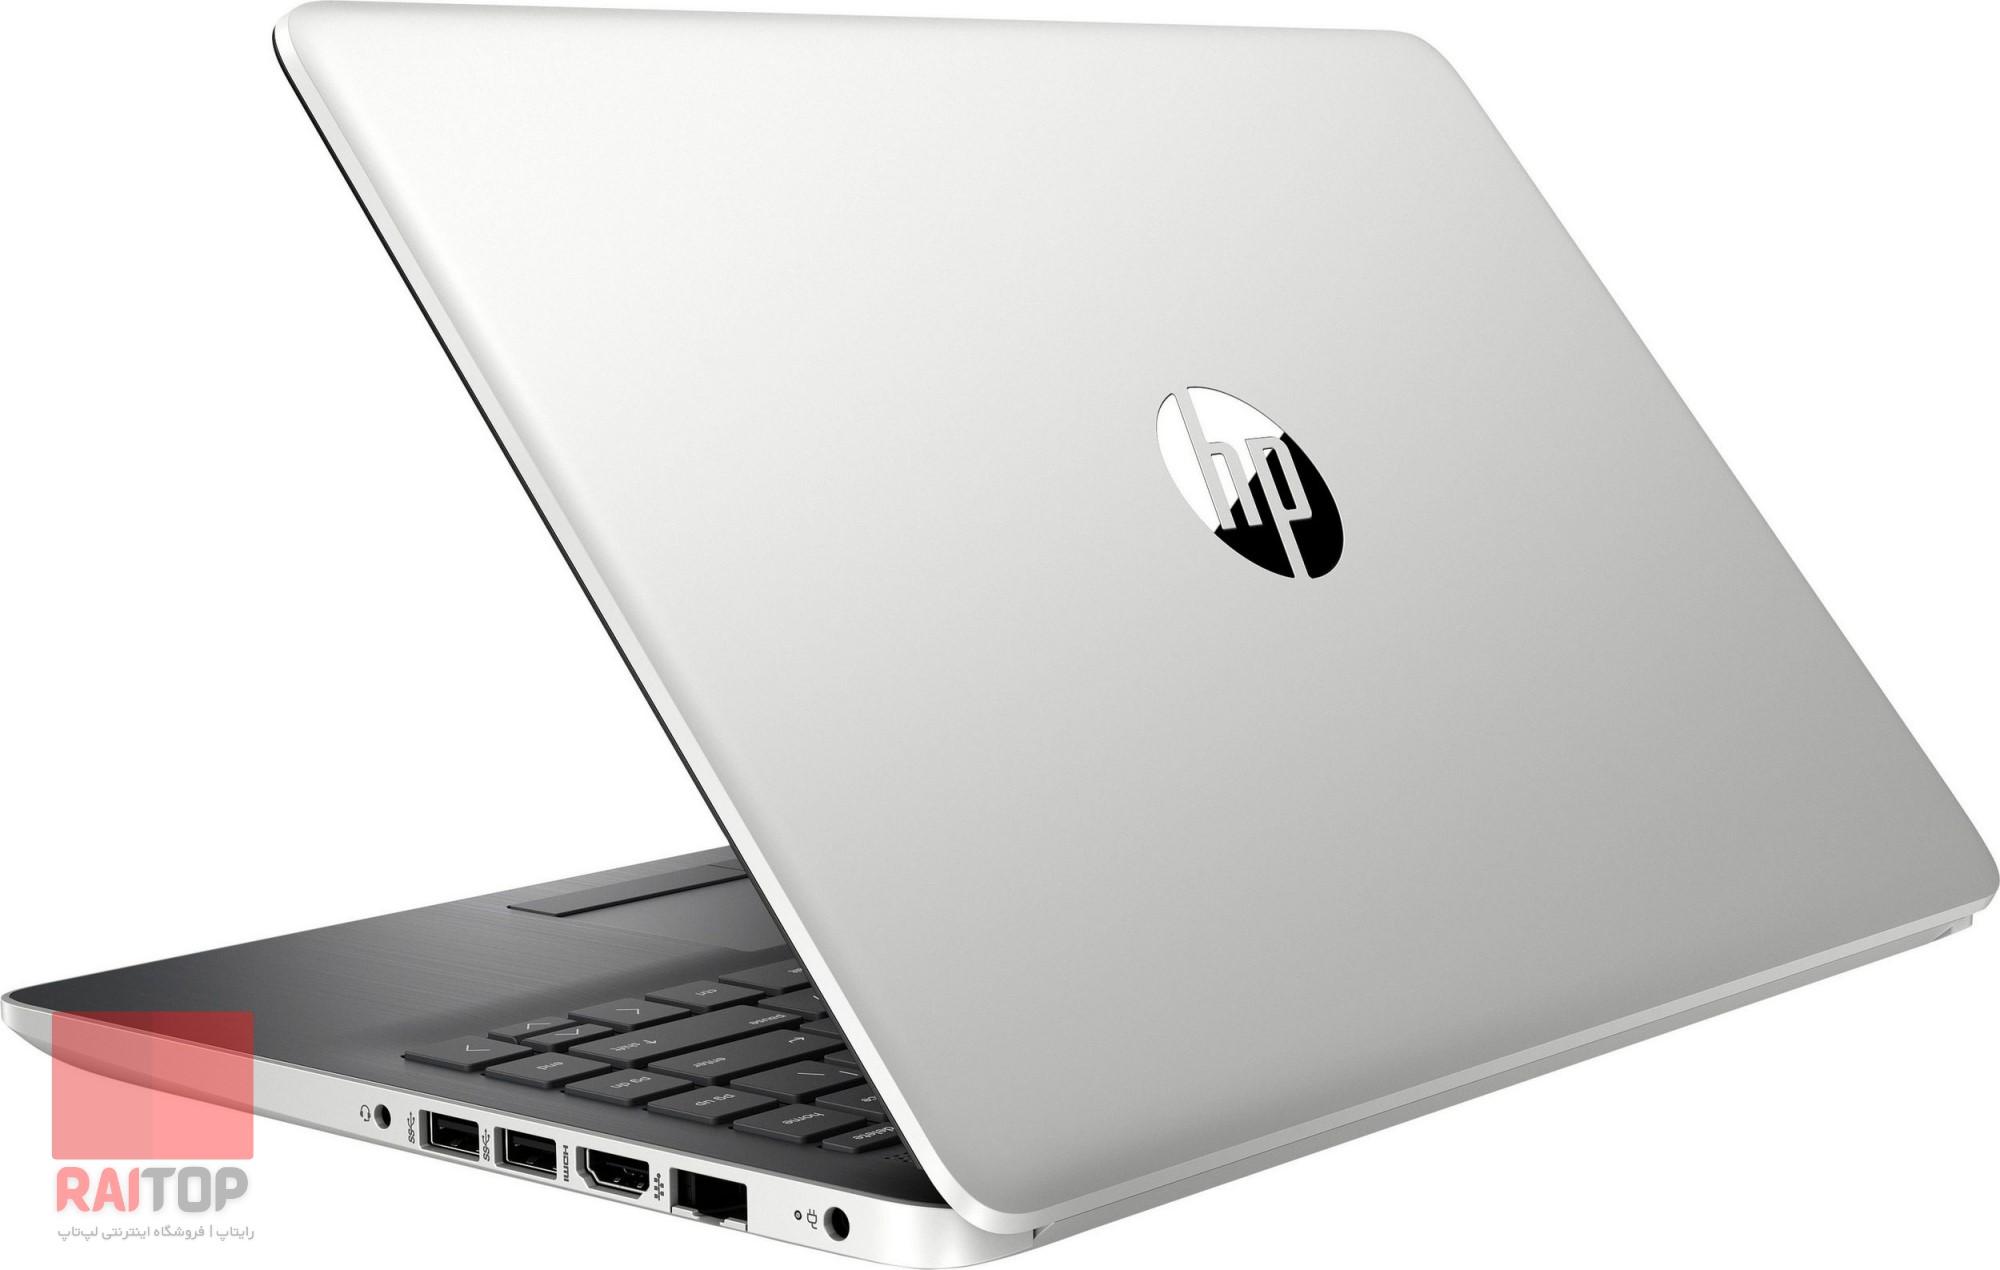 لپ تاپ استوک HP مدل 14-dk0002dx پشت